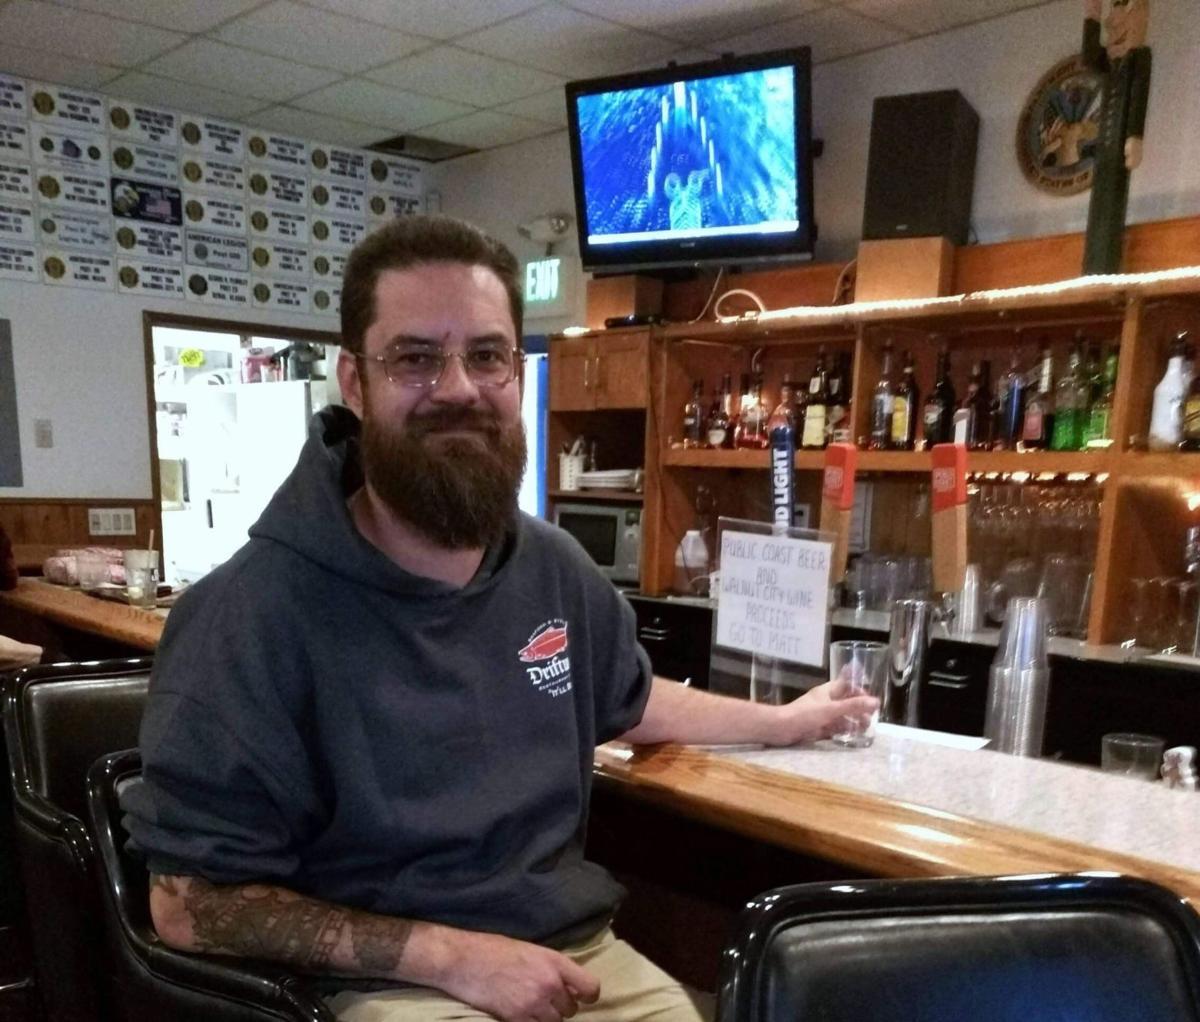 Cannon Beach rallies behind beloved bartender